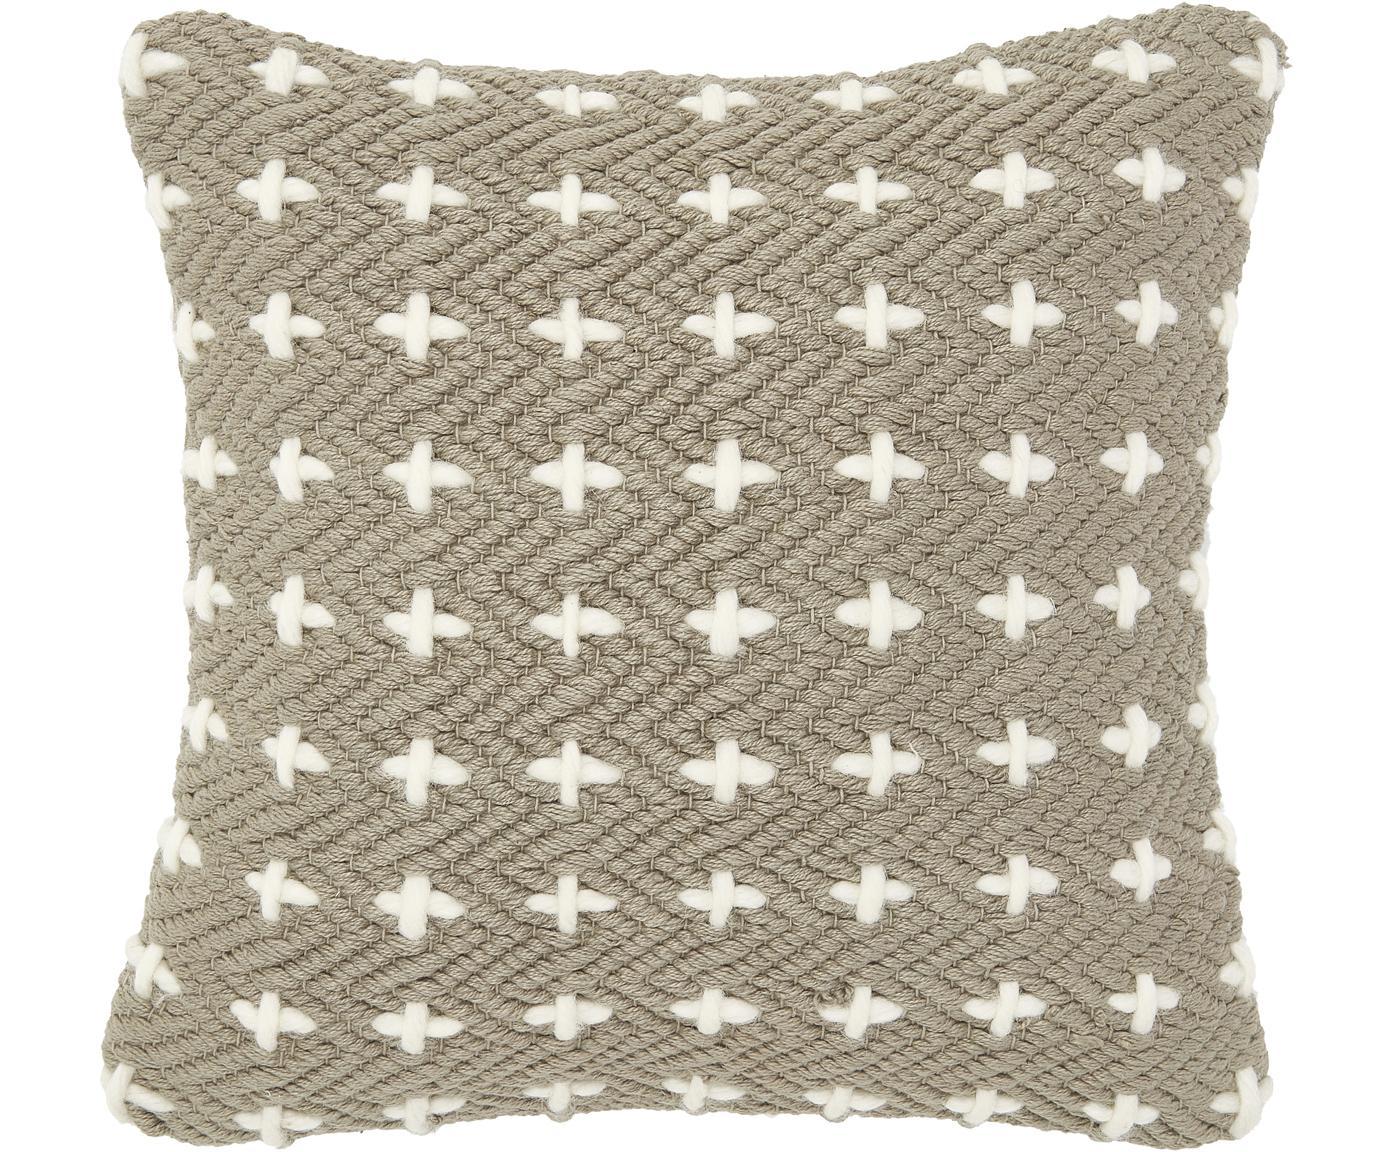 Poszewka na poduszkę Lina, 75% bawełna, 25% wełna, Taupe, S 40 x D 40 cm